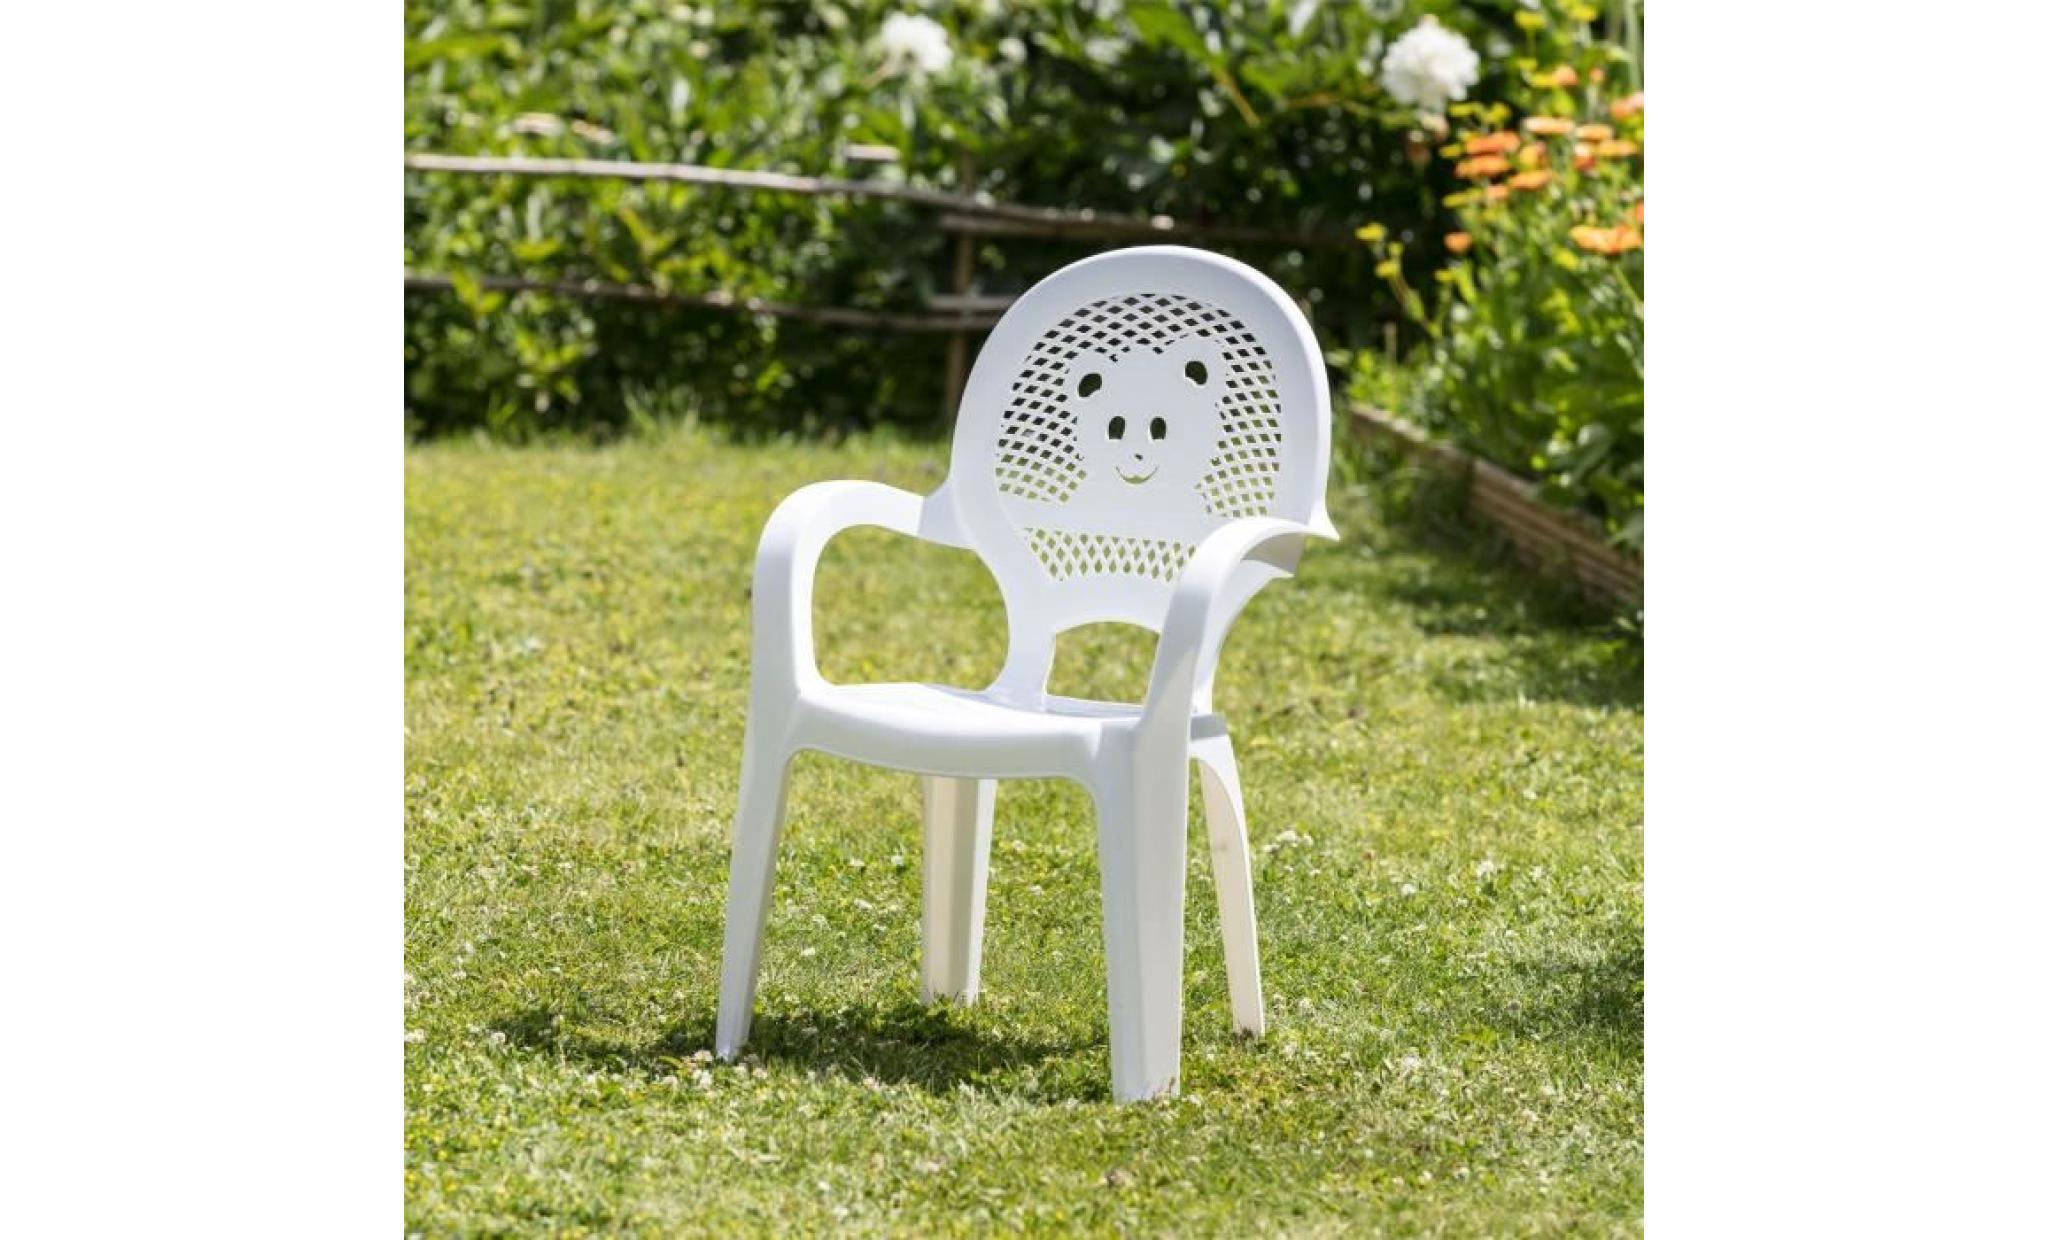 resol enfants enfants jardin extérieur chaise en plastique bleu enfants meubles (lot de 2 chaises)